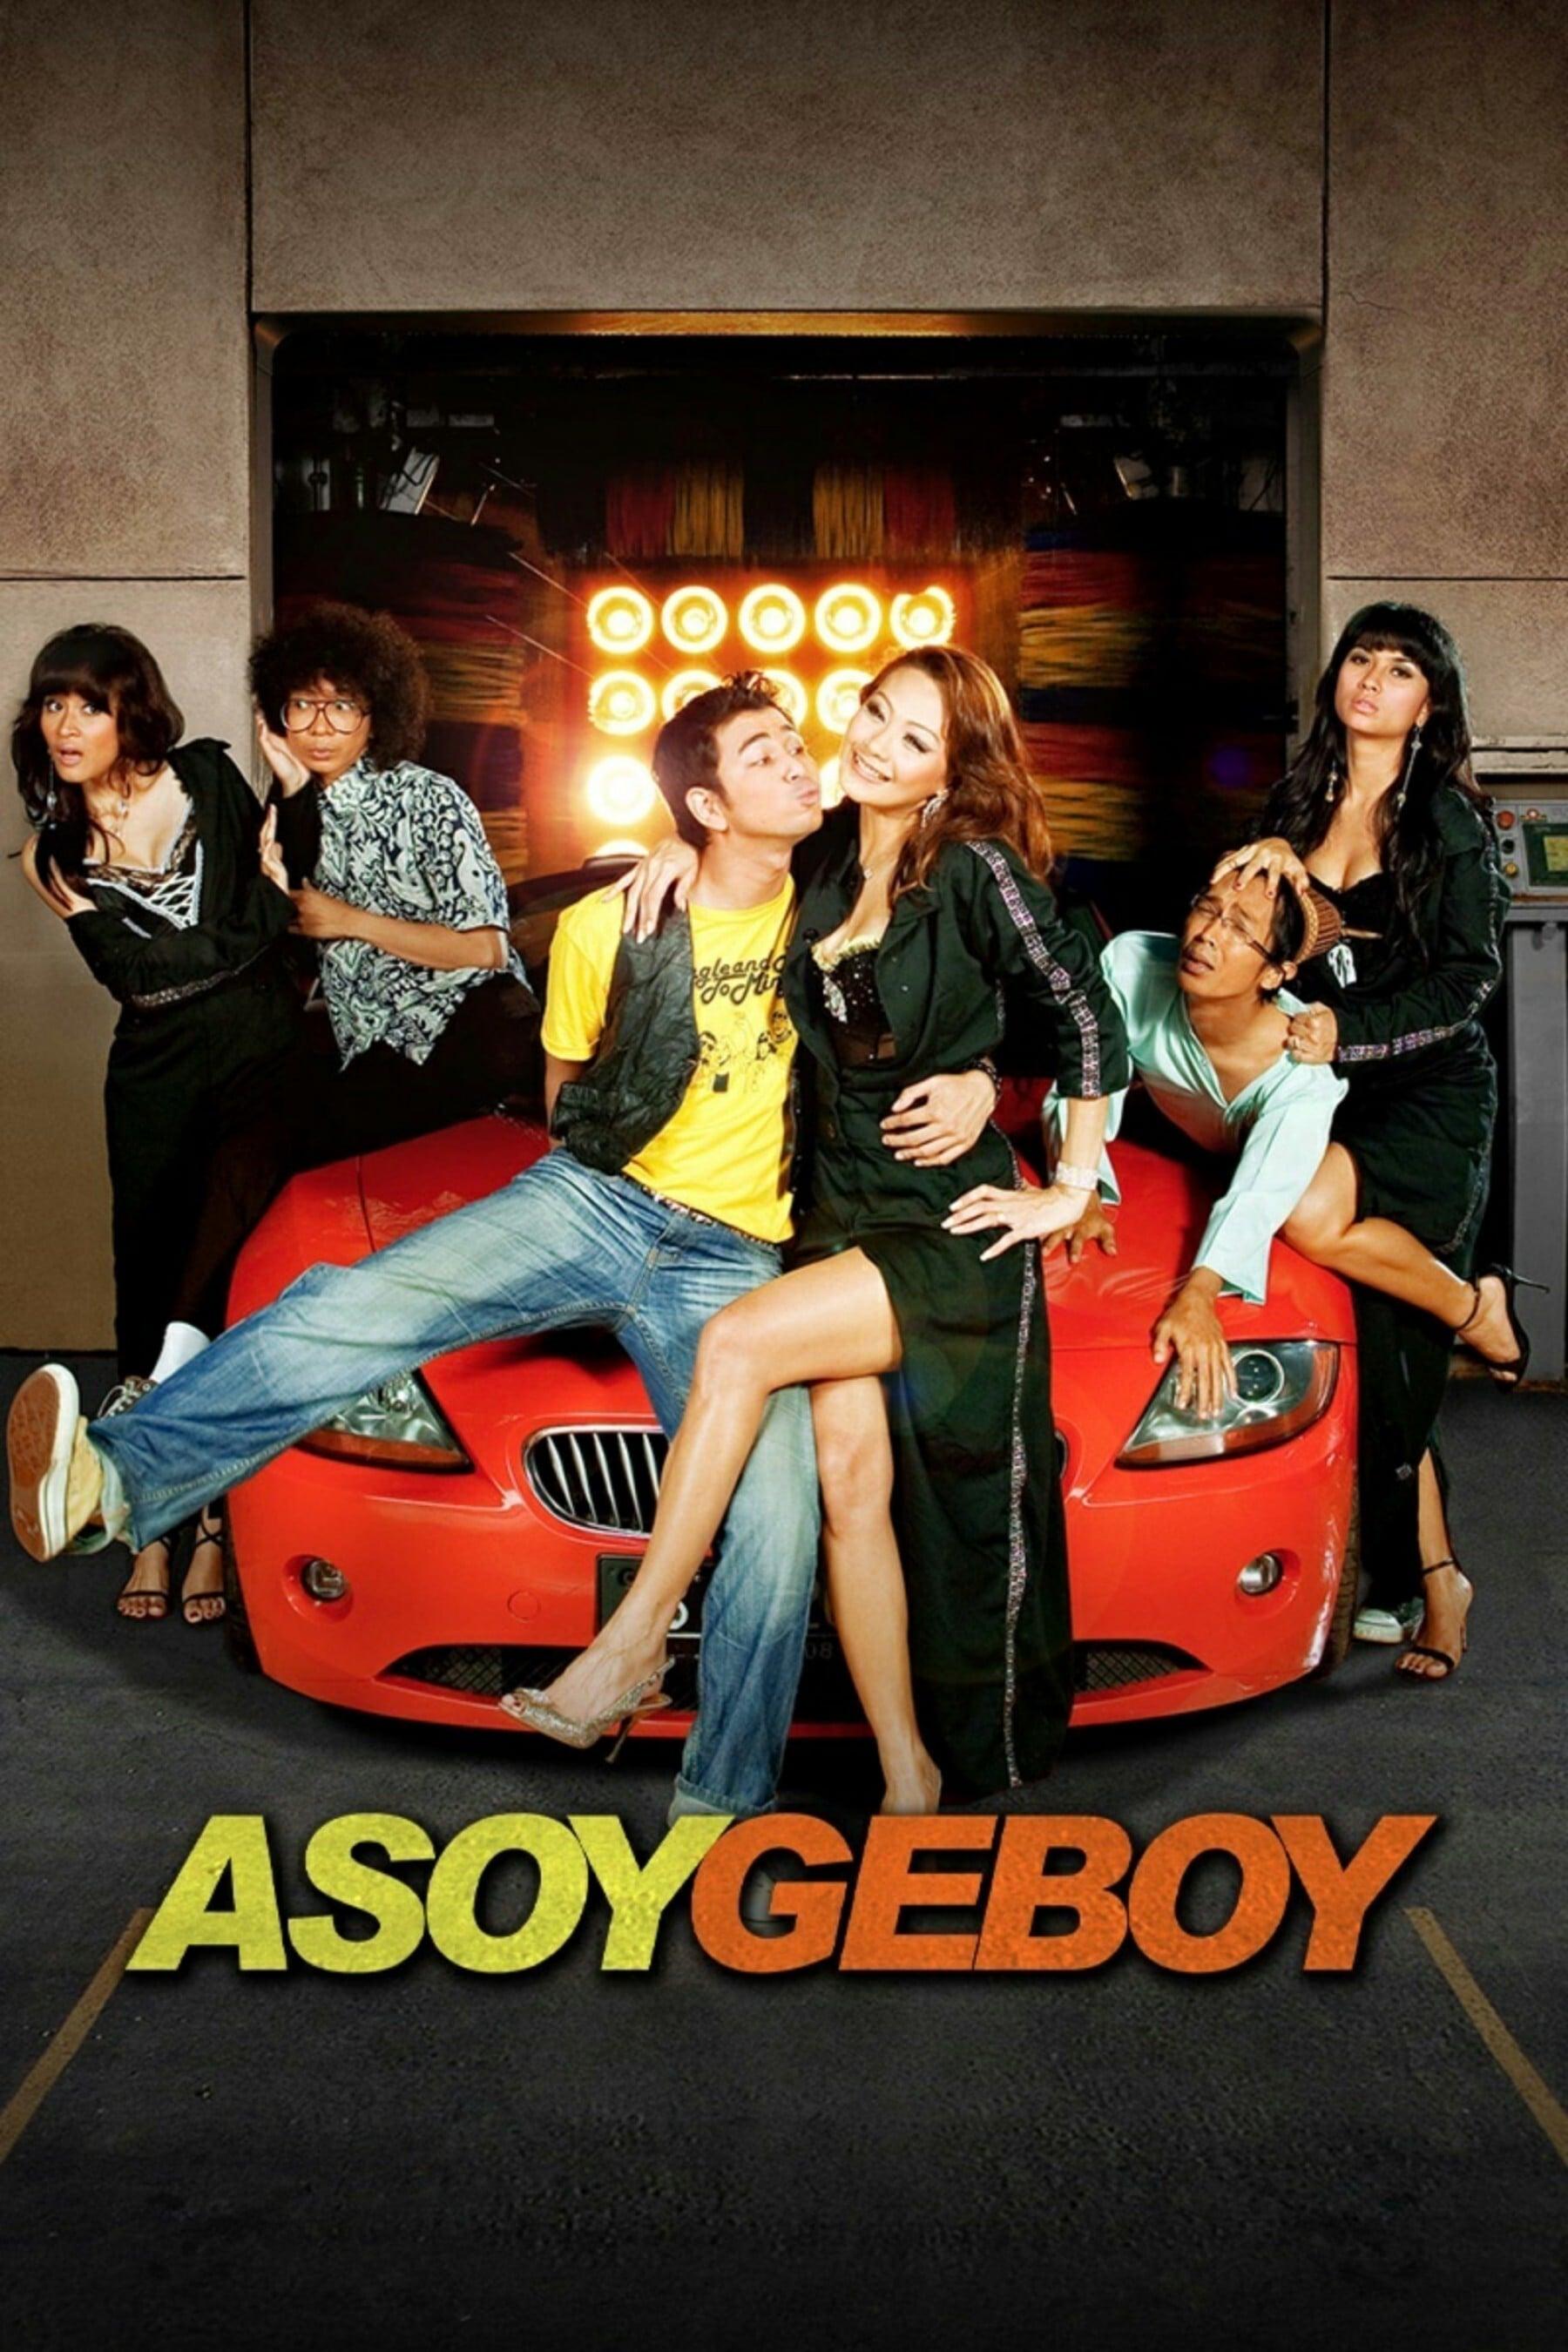 Asoy Geboy